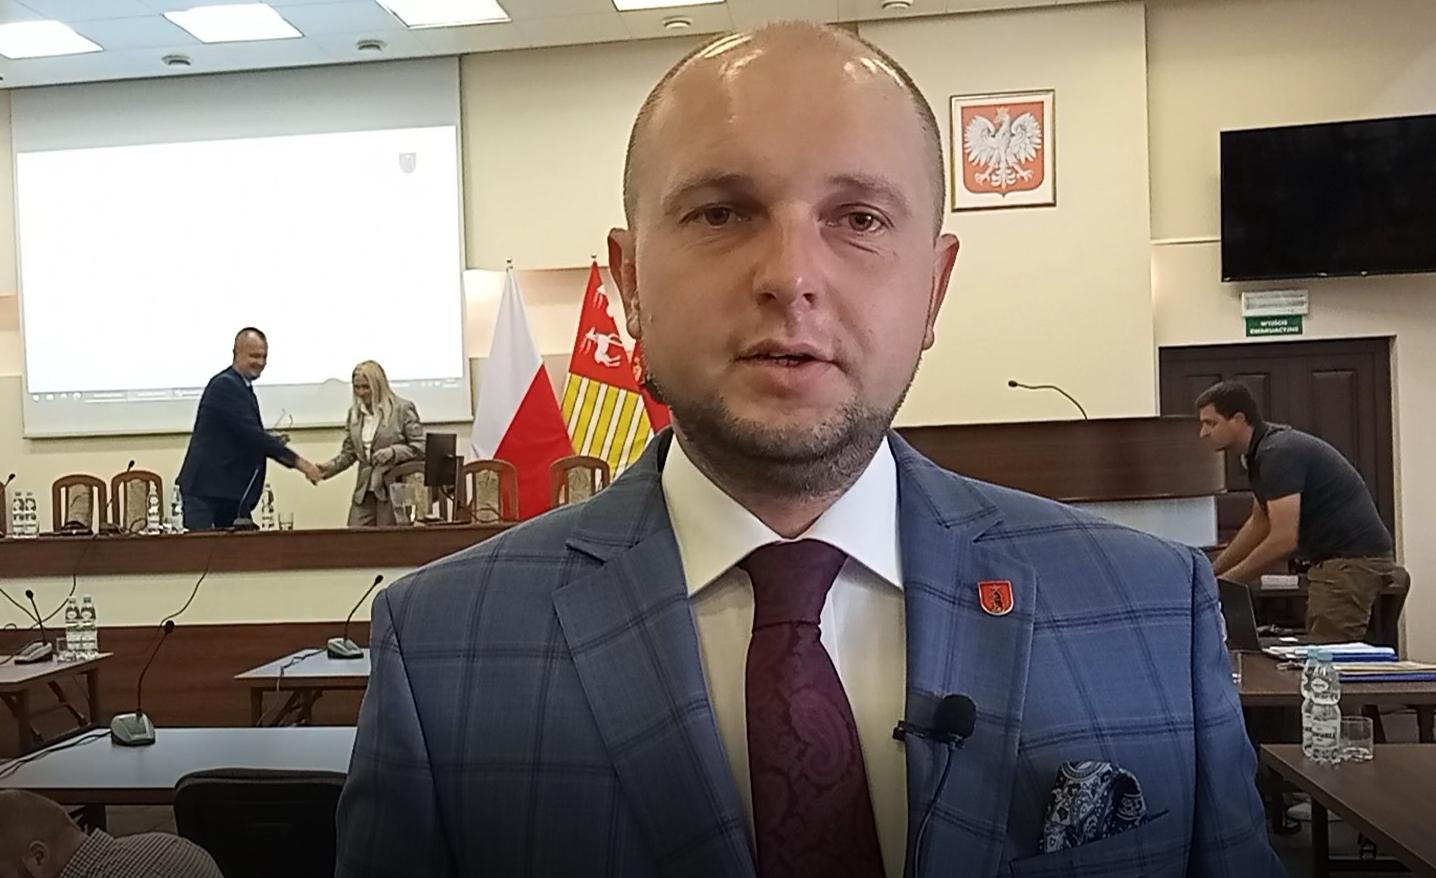 ŁUKÓW. Nowy radny złożył ślubowanie. Pierwsza sesja Sebastiana Ignaciuka (WIDEO) - Zdjęcie główne